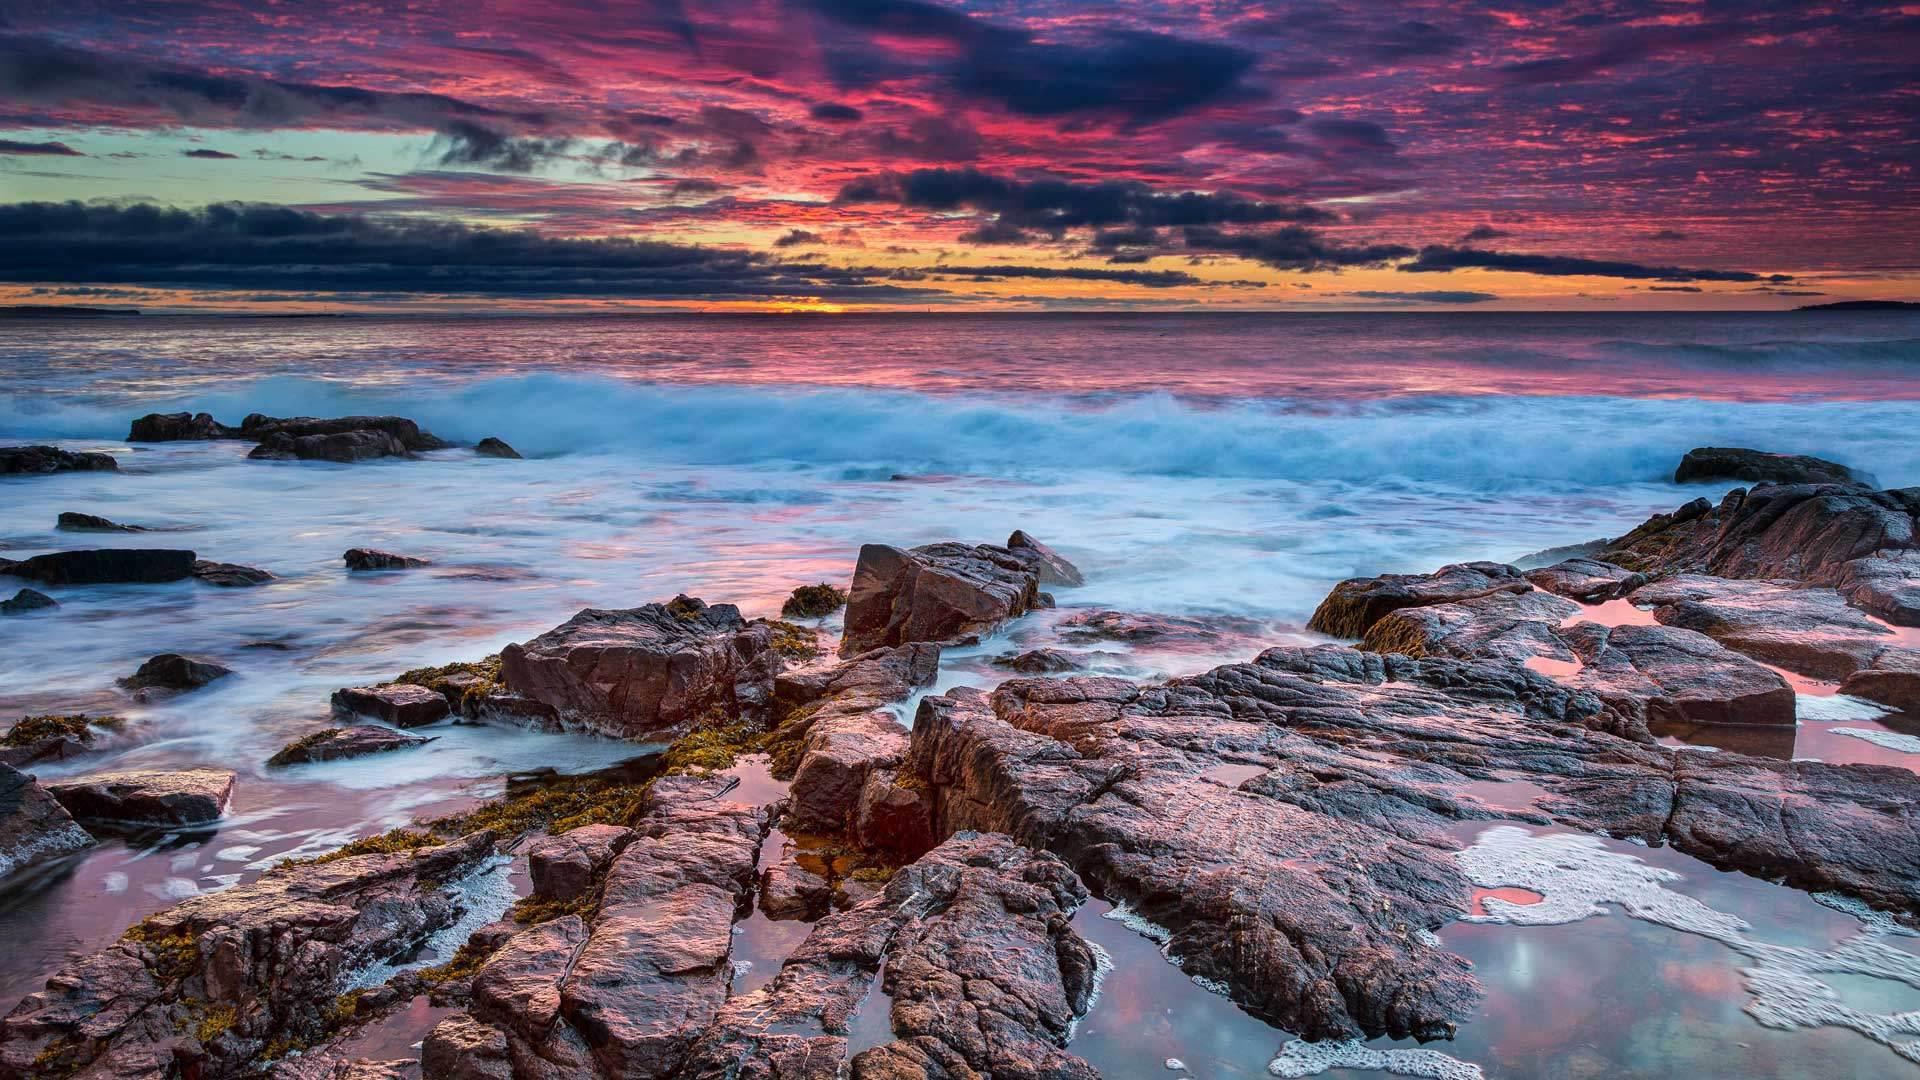 阿卡迪亚国家公园阿卡迪亚国家公园